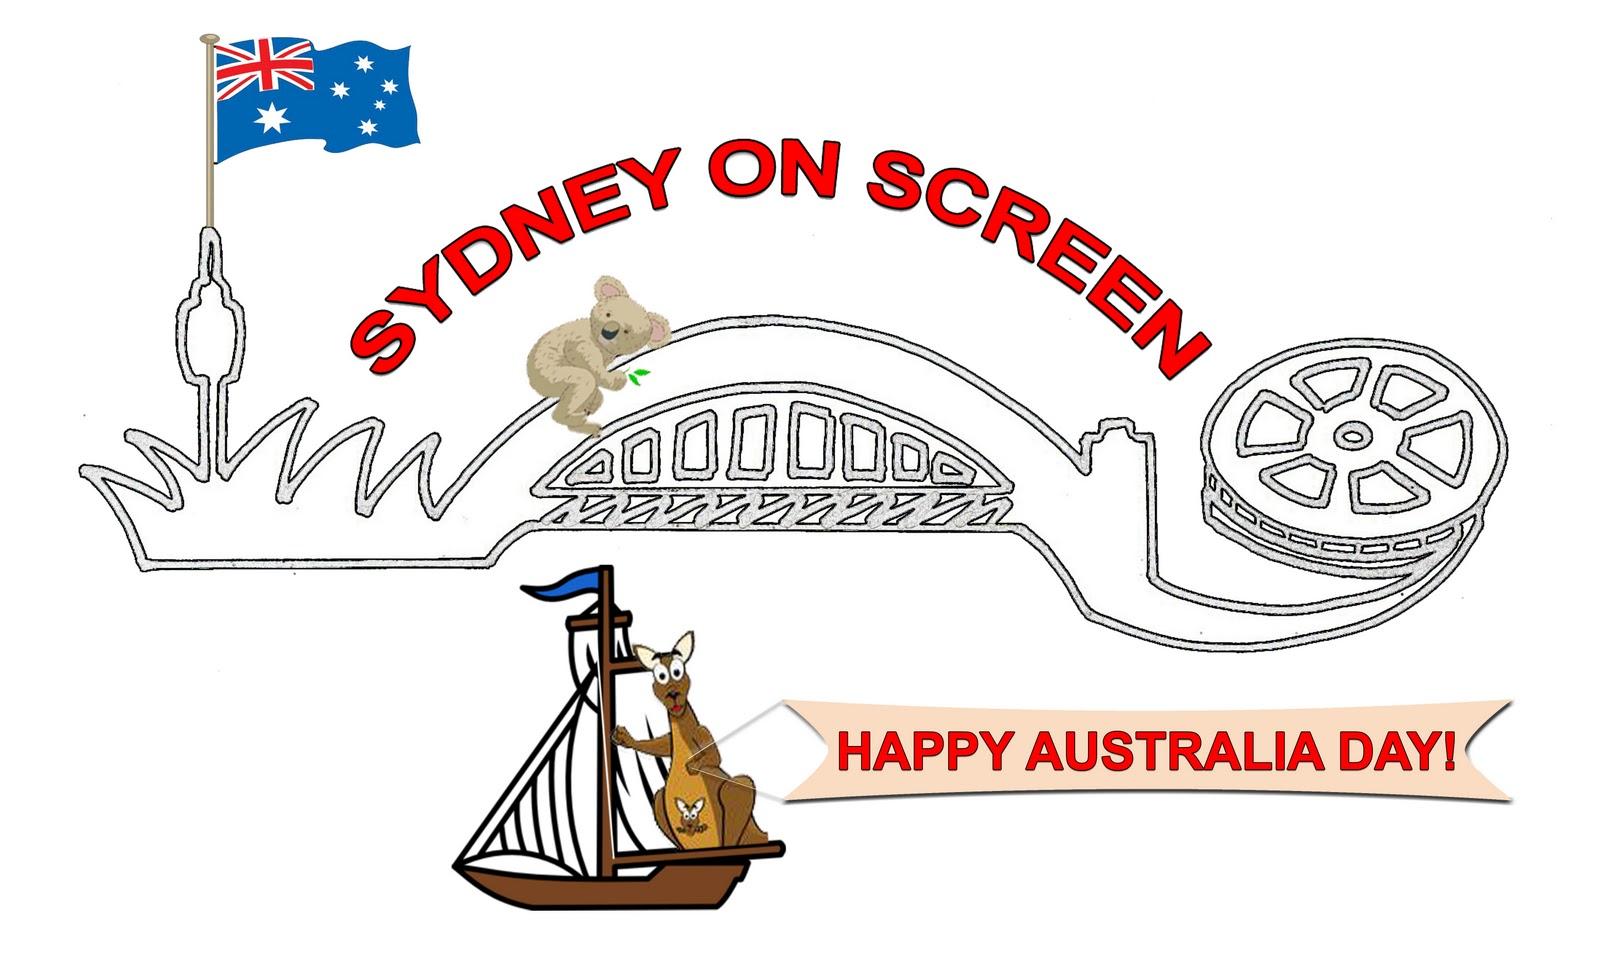 http://4.bp.blogspot.com/-wy5skBB6lFo/TyAGVDaOZ-I/AAAAAAAAAQY/V2-k8EXj618/s1600/Australia+Day+Sydney+on+Screen.jpg